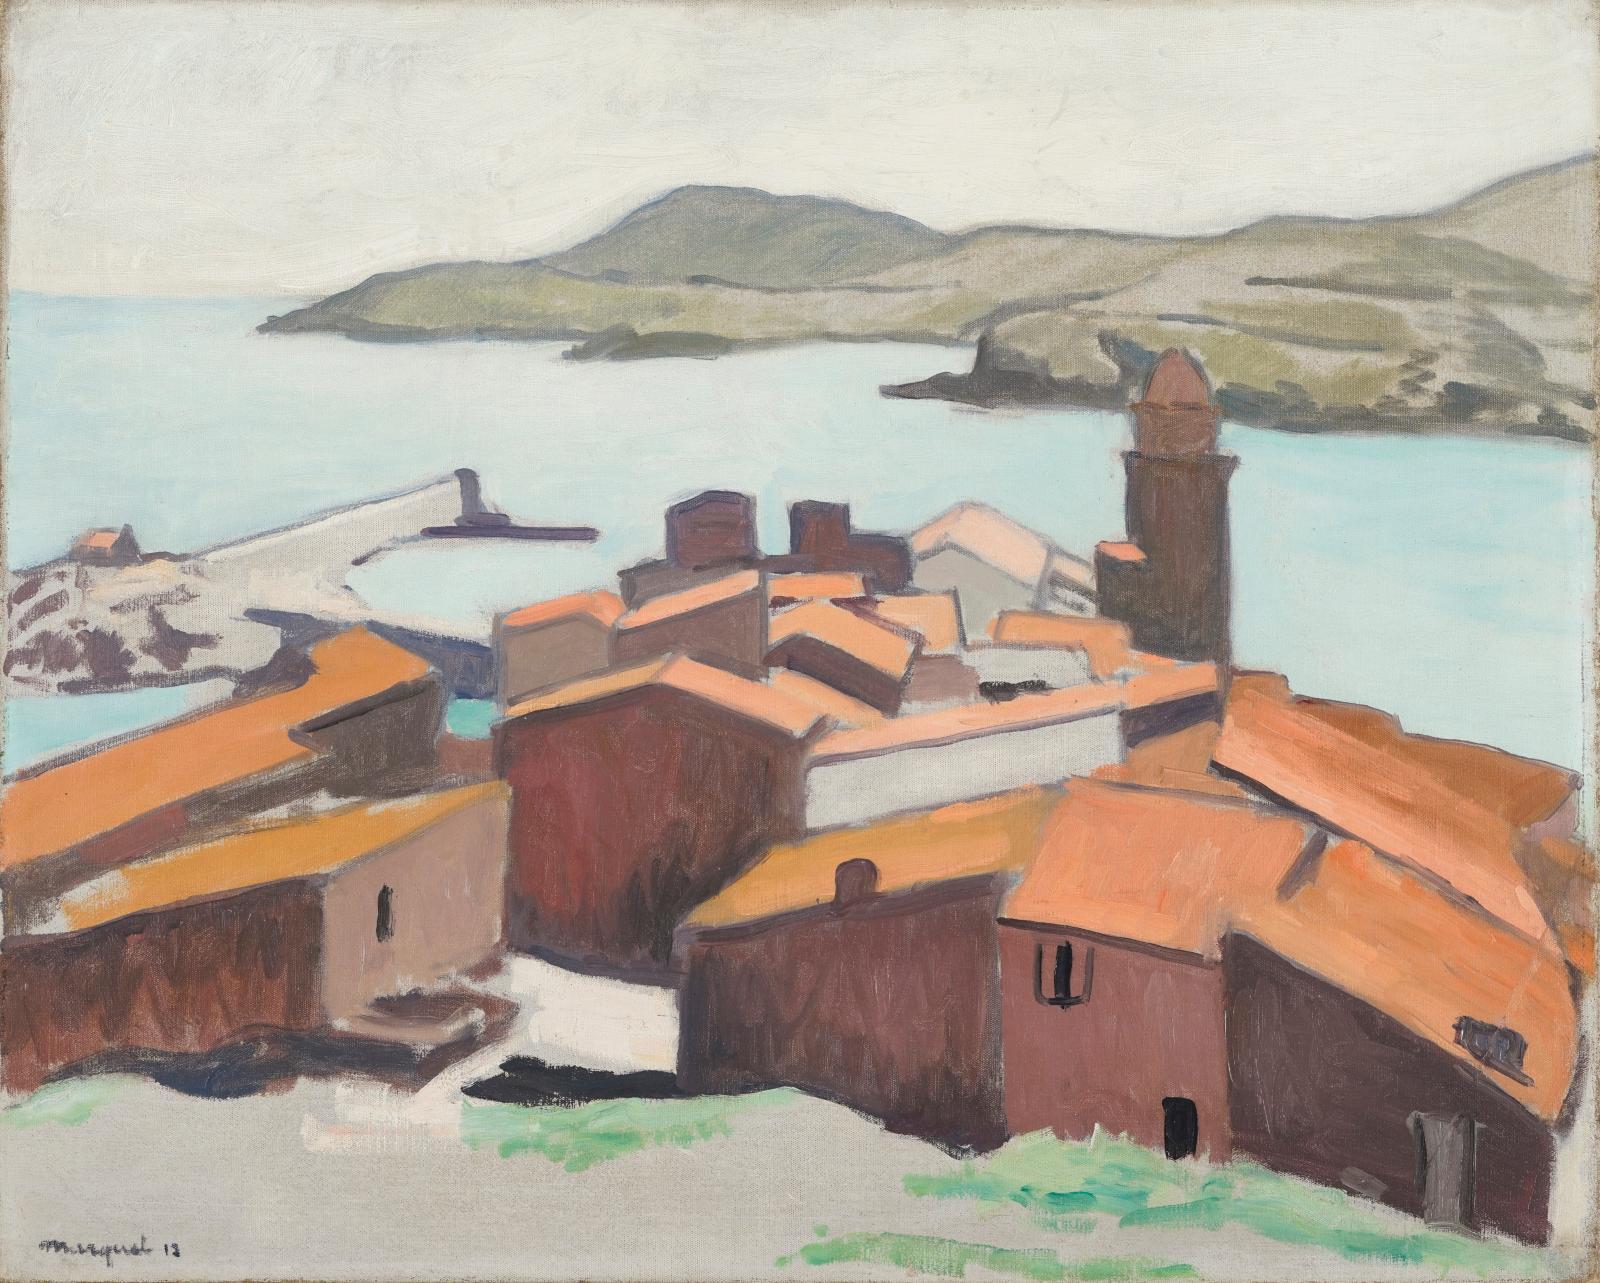 Albert Marquet (1975-1947), Collioure, 1912, huile sur toile, 61 x 67 cm. Estimation: 70000/120000 €